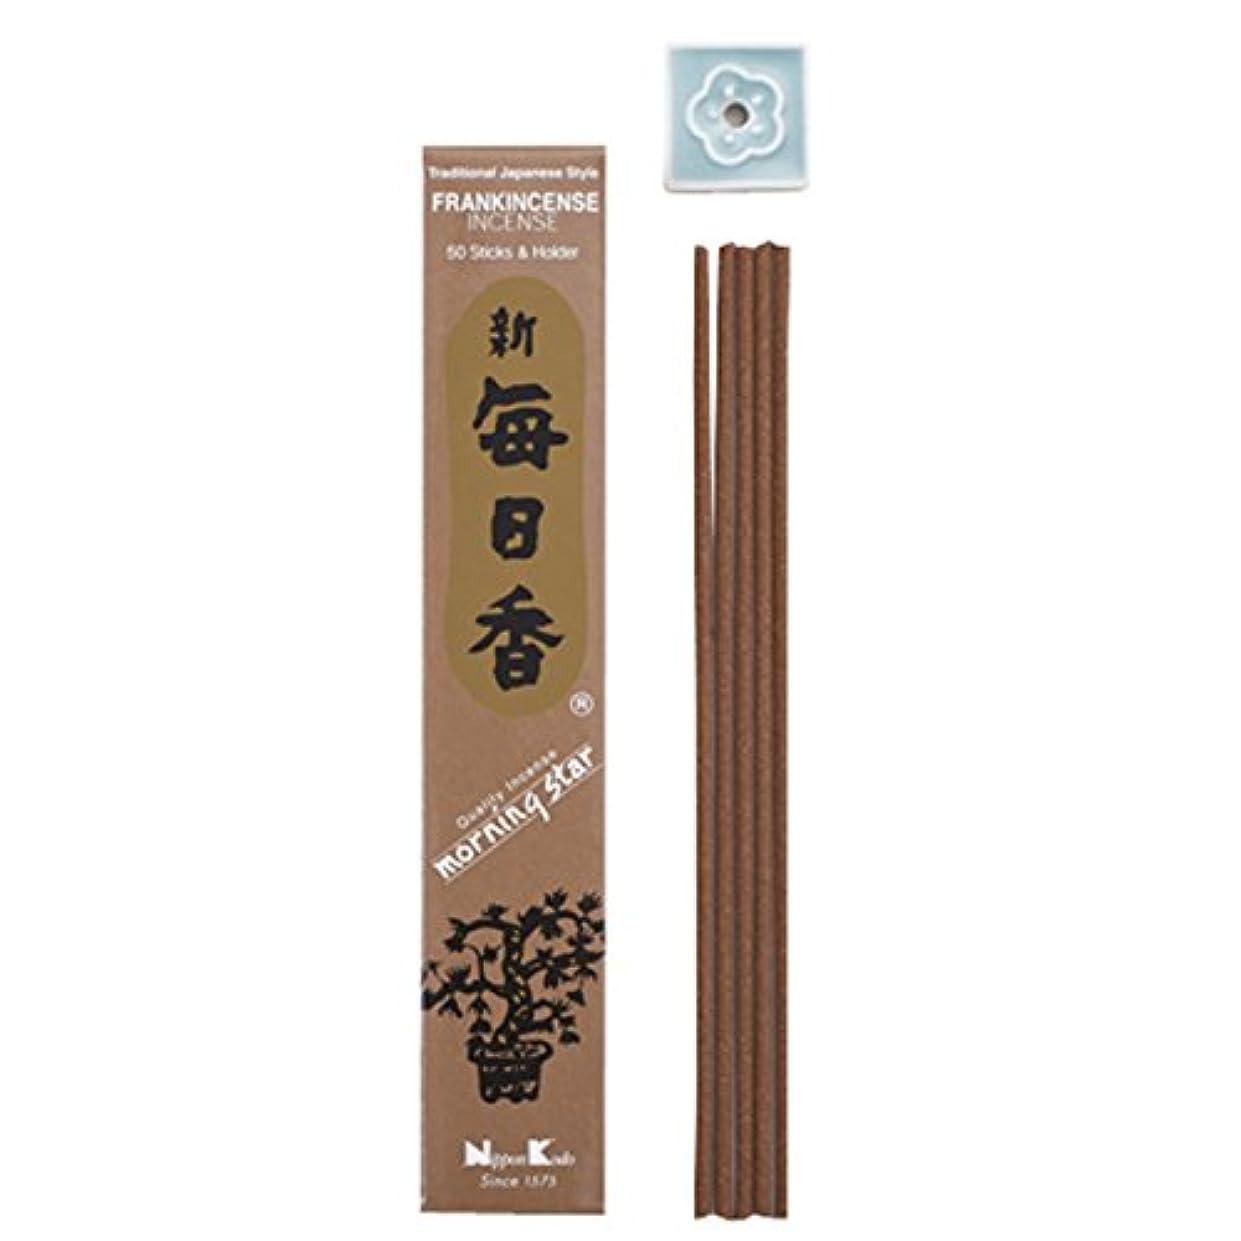 ハリケーンリハーサルグレーMorning Star Japanese Incense Sticks Frankincense 50 Sticks &ホルダー'